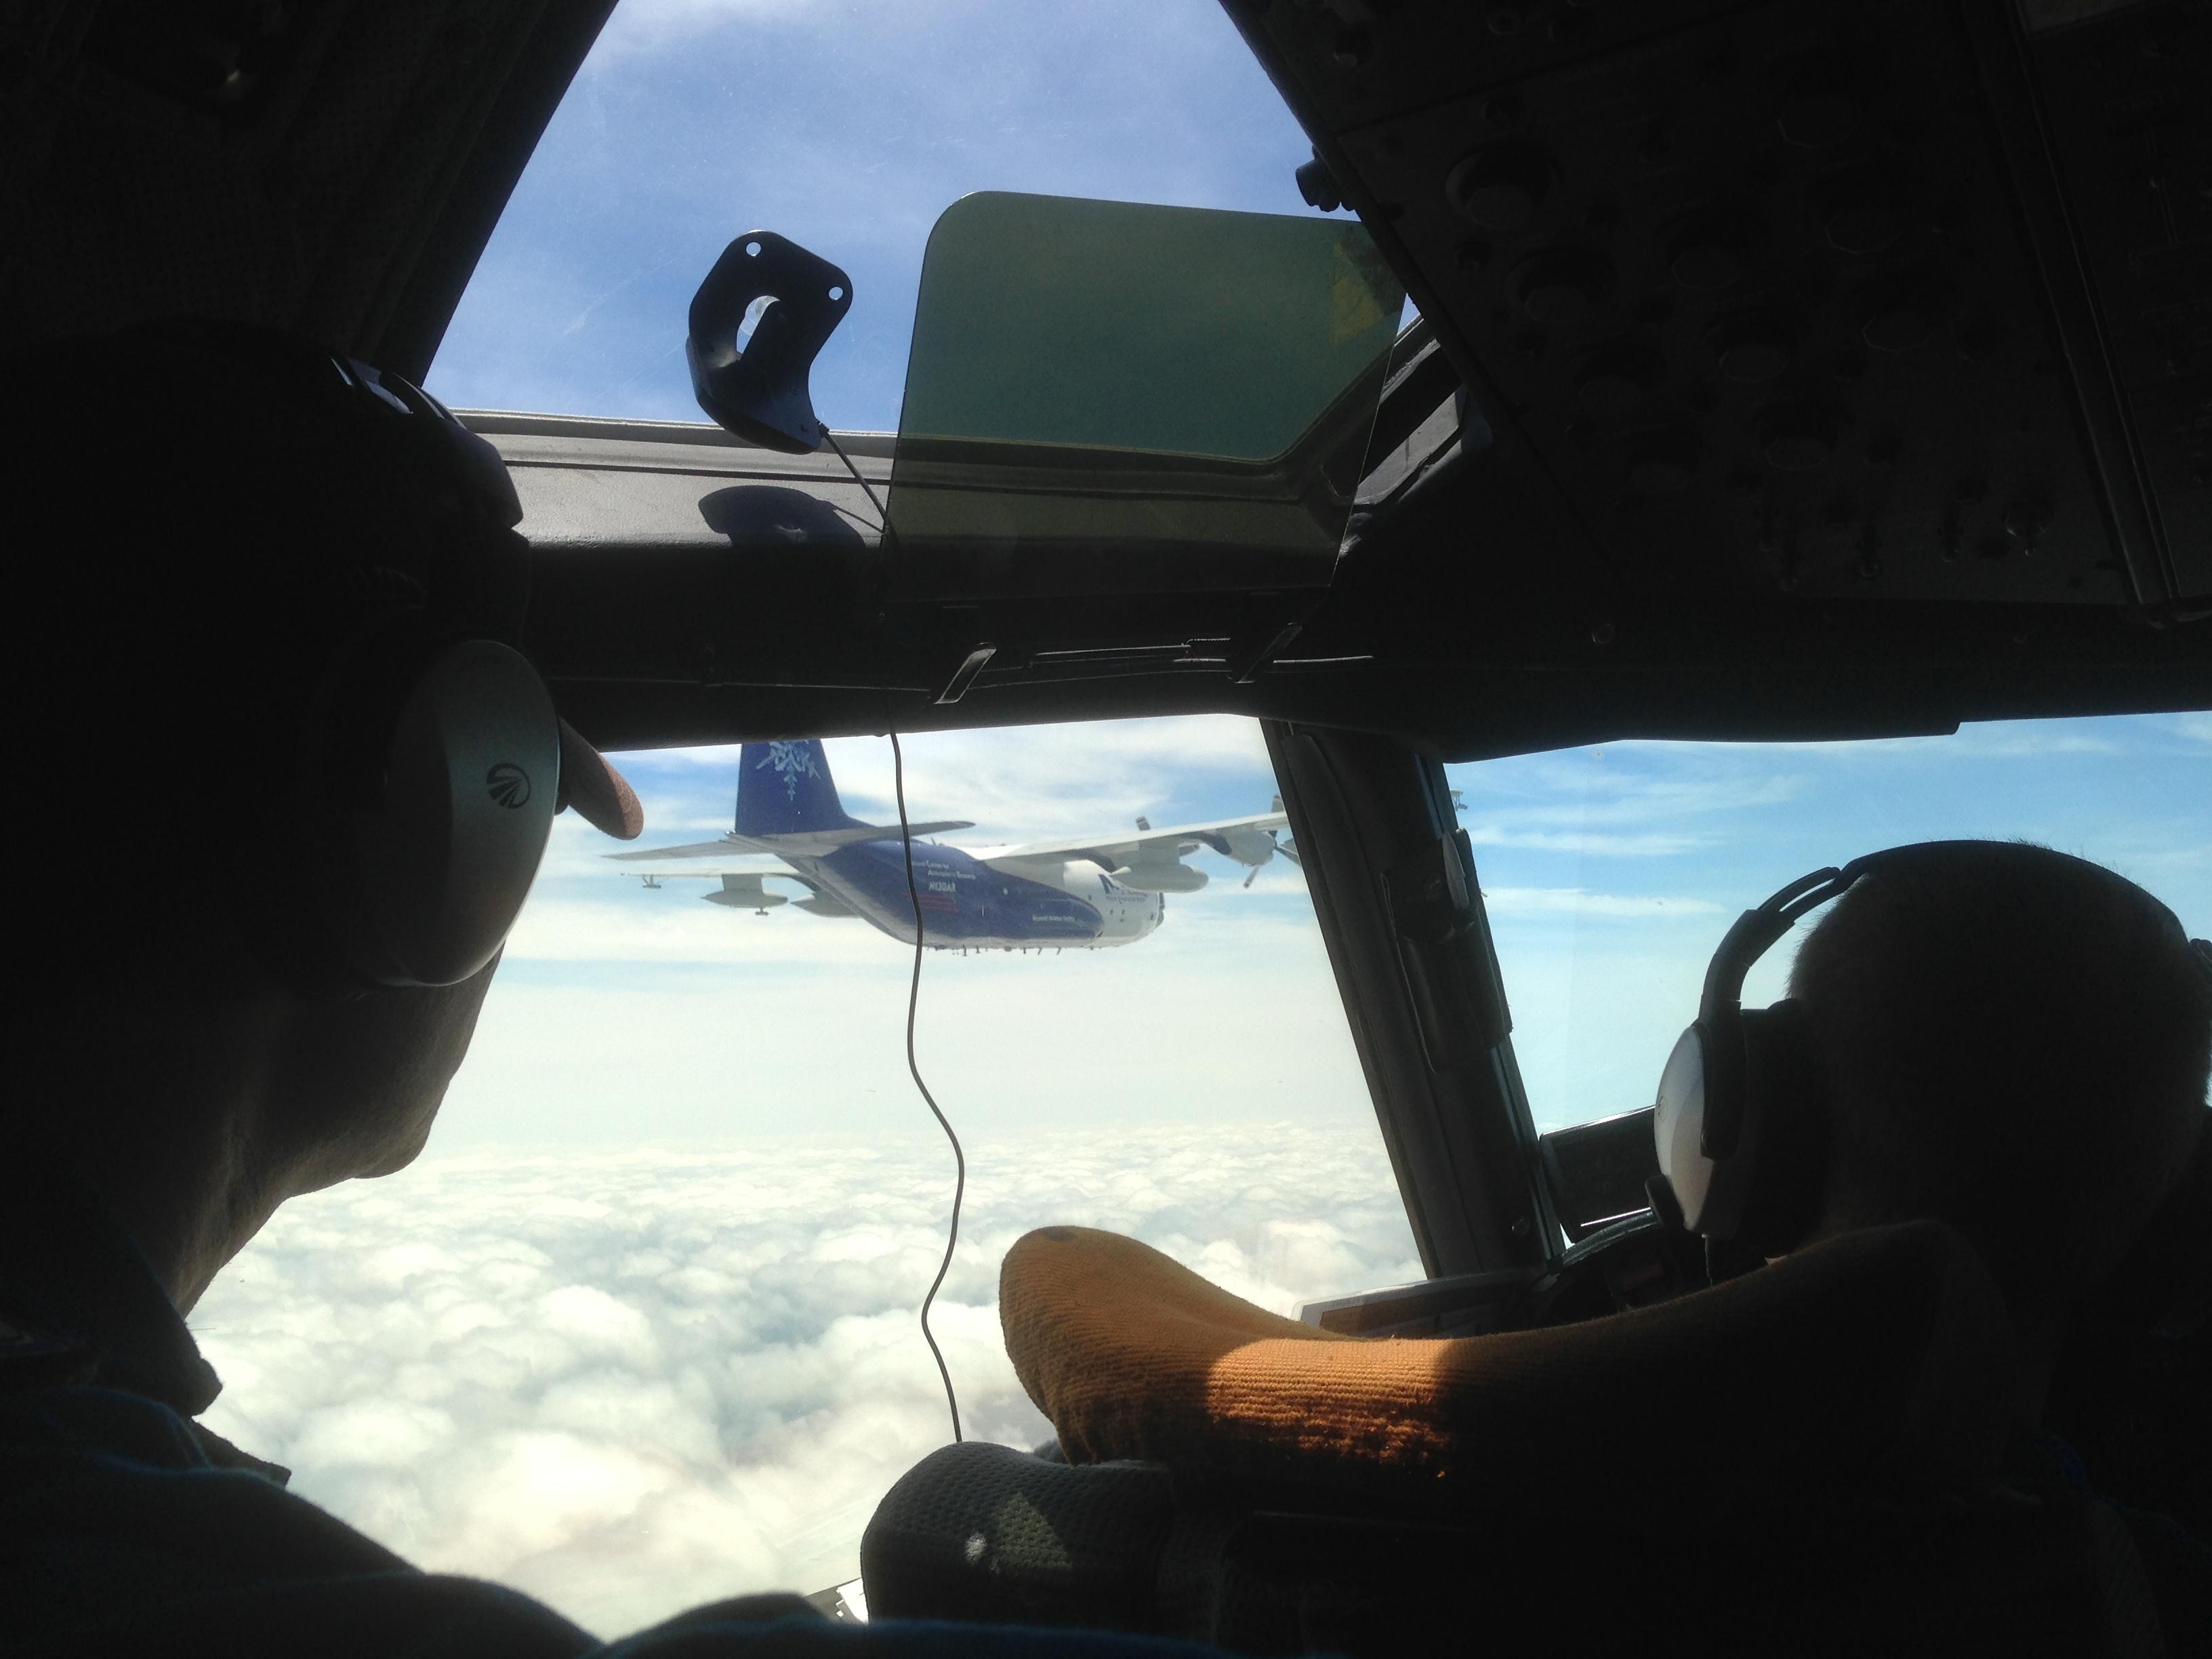 SENEX 2013 NCAR C-130 Intercomparison Photos